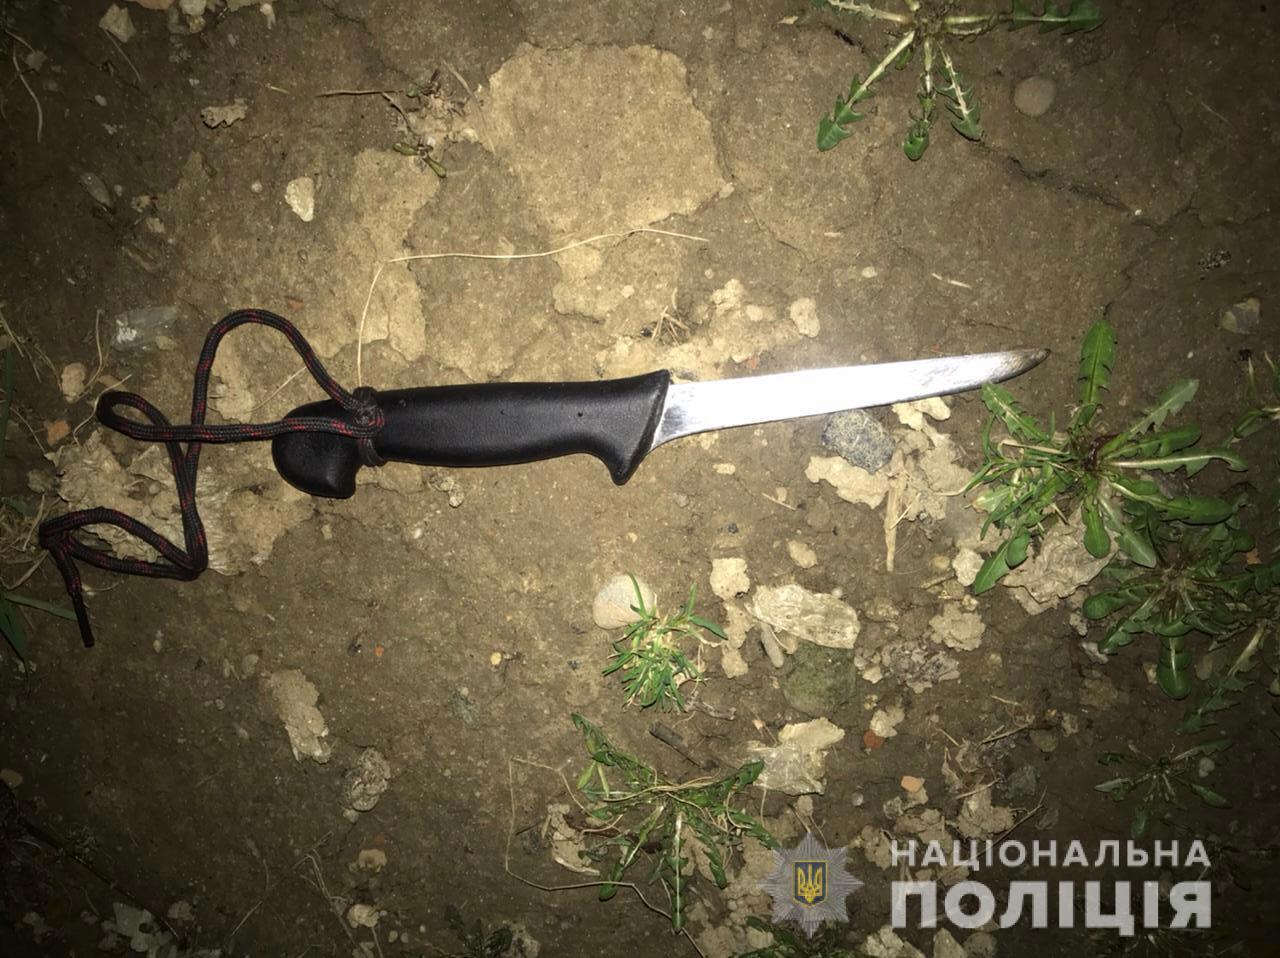 В Закарпатье всадили нож в грудь молодой девушки